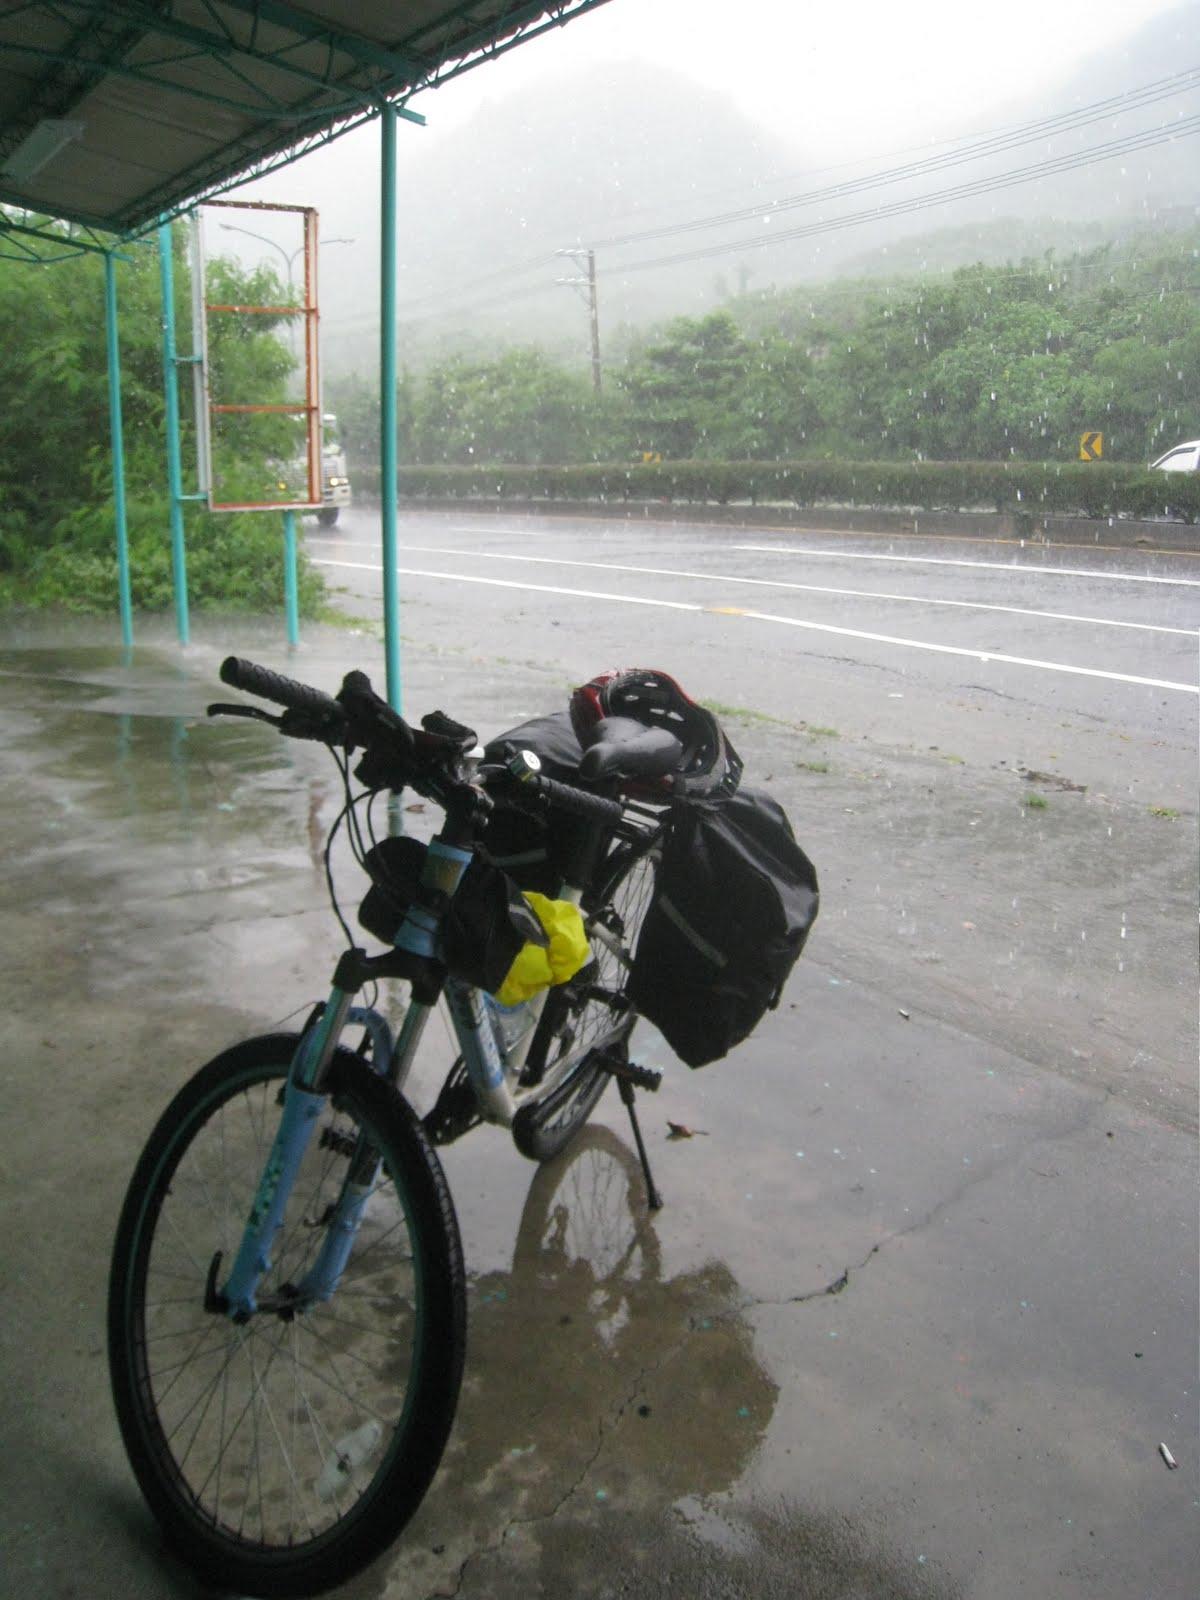 張小姐的臺灣單車環島遊~: 第十七天 - 楓港到墾丁 (單車 - 57 km)